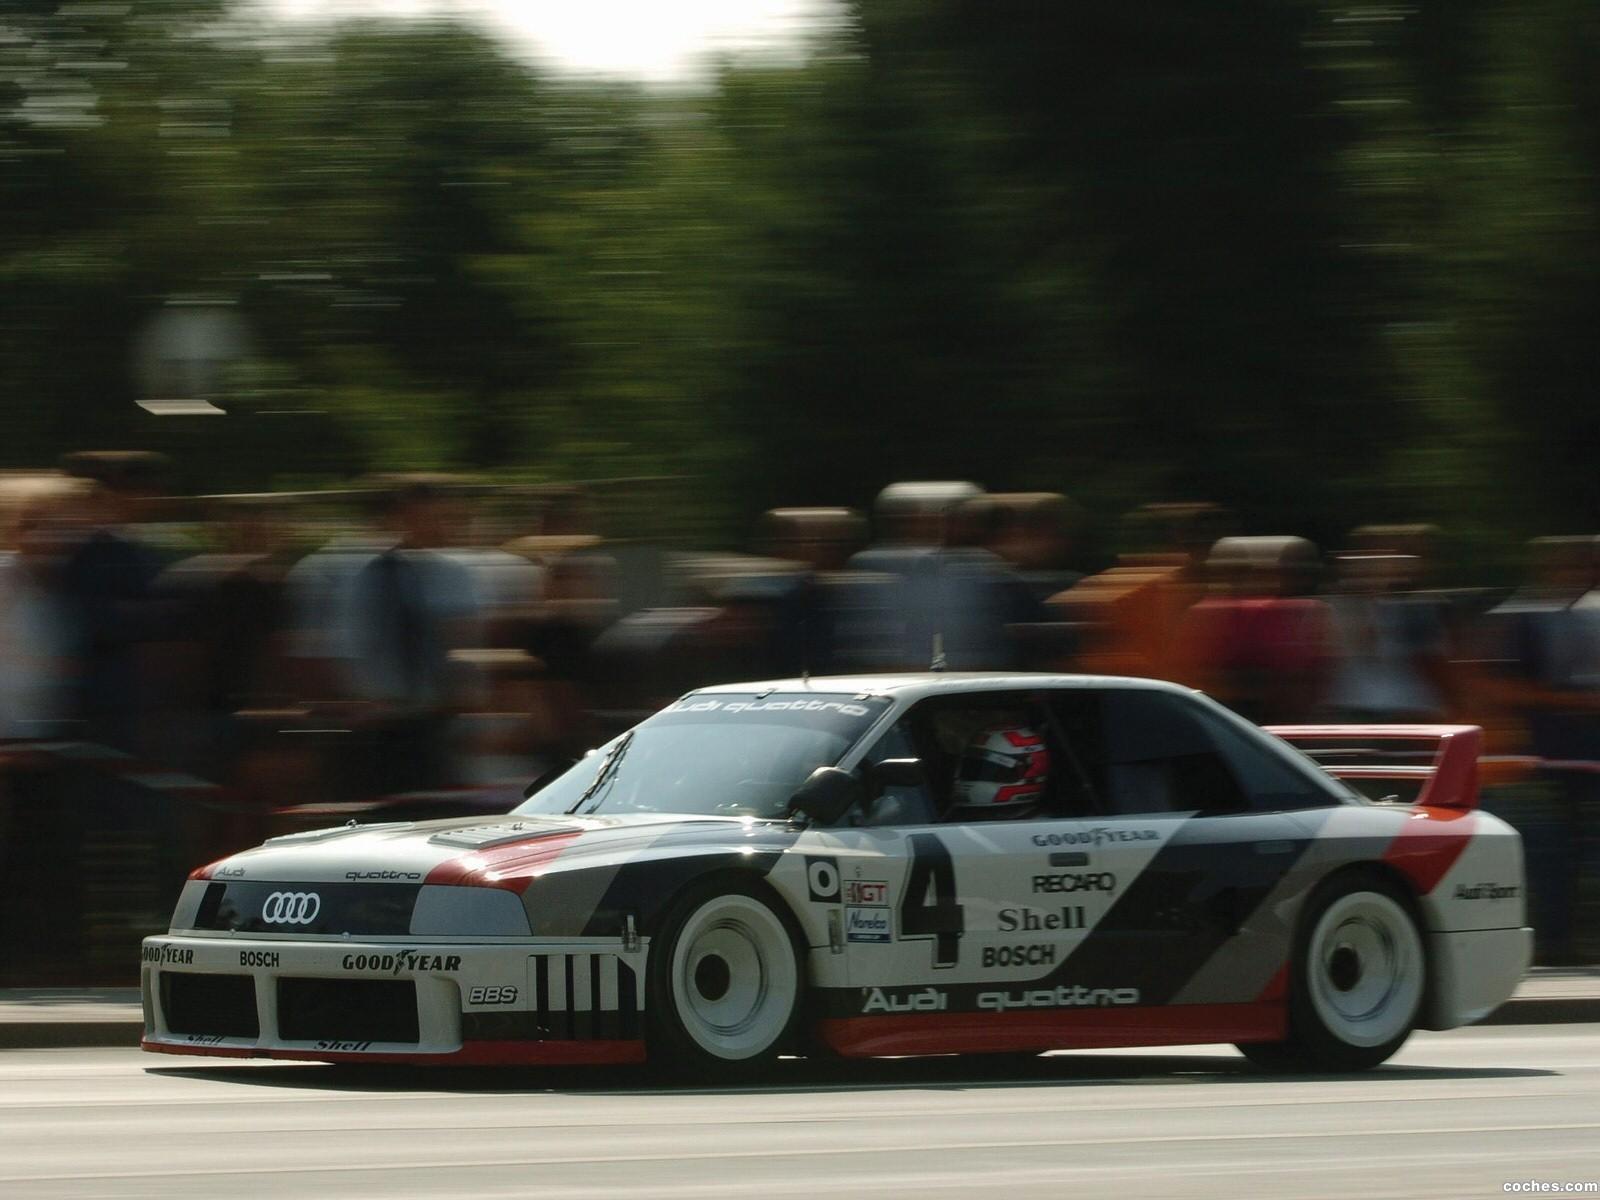 Foto 2 de Audi 90 Quattro IMSA GTO 1989